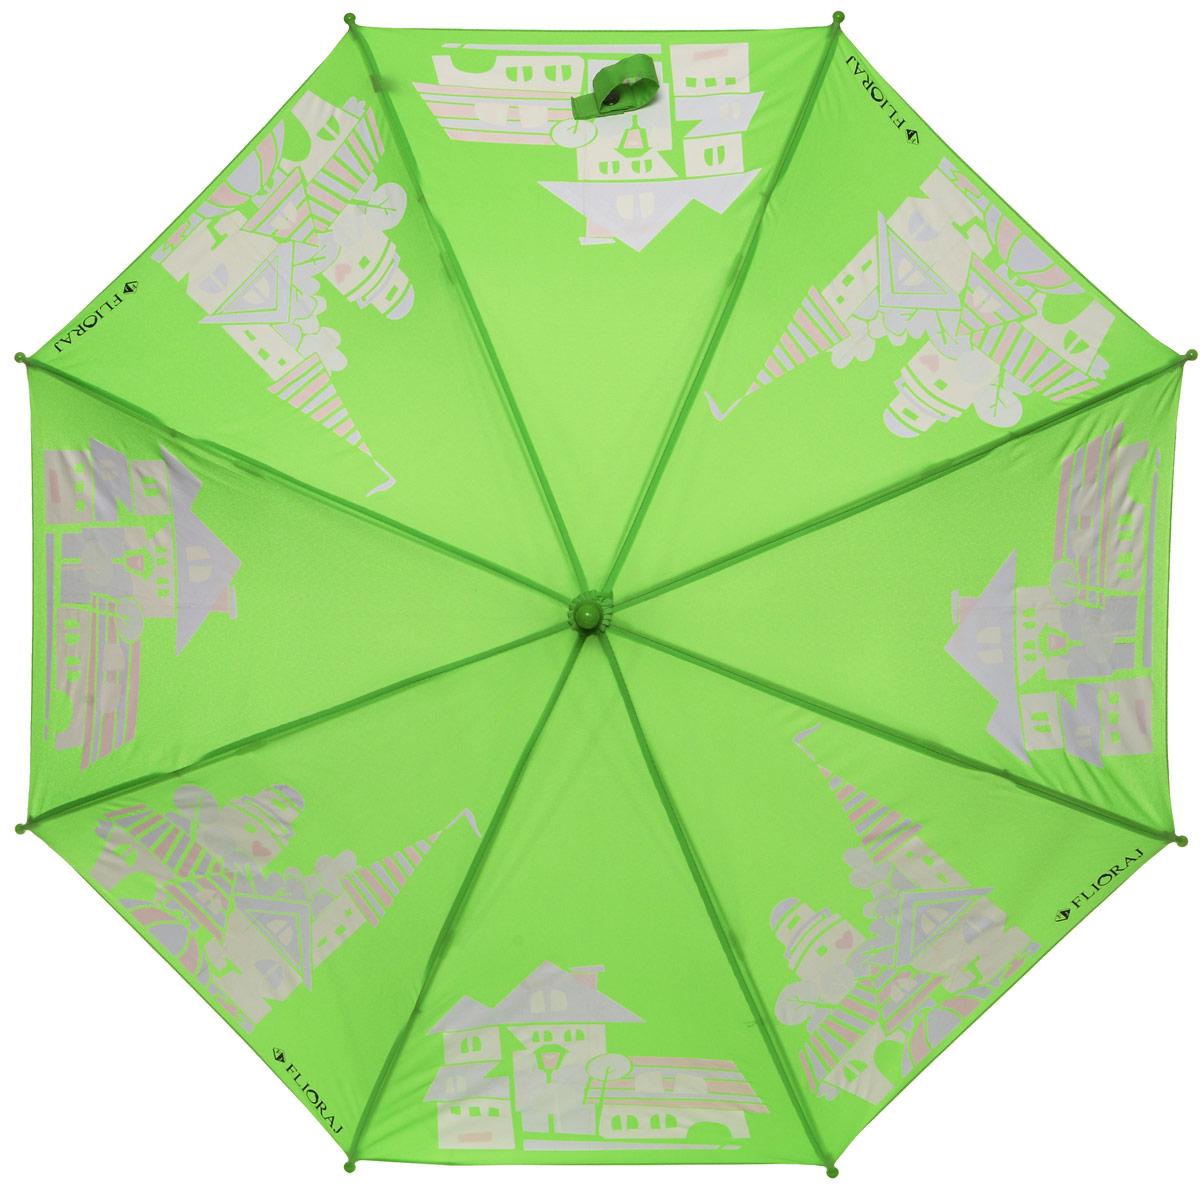 Зонт-трость детский Flioraj, механика, цвет: зеленый. 051206051206 FJОригинальный и практичный детский зонт-трость Flioraj будет отличным подарком для вашего ребенка. Зонт состоит из восьми спиц и стержня выполненных из прочного, но легкого фибергласса. Купол выполнен из качественного полиэстера, который не пропускает воду и оформлен красочным рисунком. Зонт дополнен удобной пластиковой ручкой в виде крючка. Изделие имеет механический способ сложения: и купол, и стержень открываются и закрываются вручную до характерного щелчка. Зонт закрывается хлястиком на кнопку. Зонт дополнен свистком. Такой интересный дизайн понравится любой девочке.